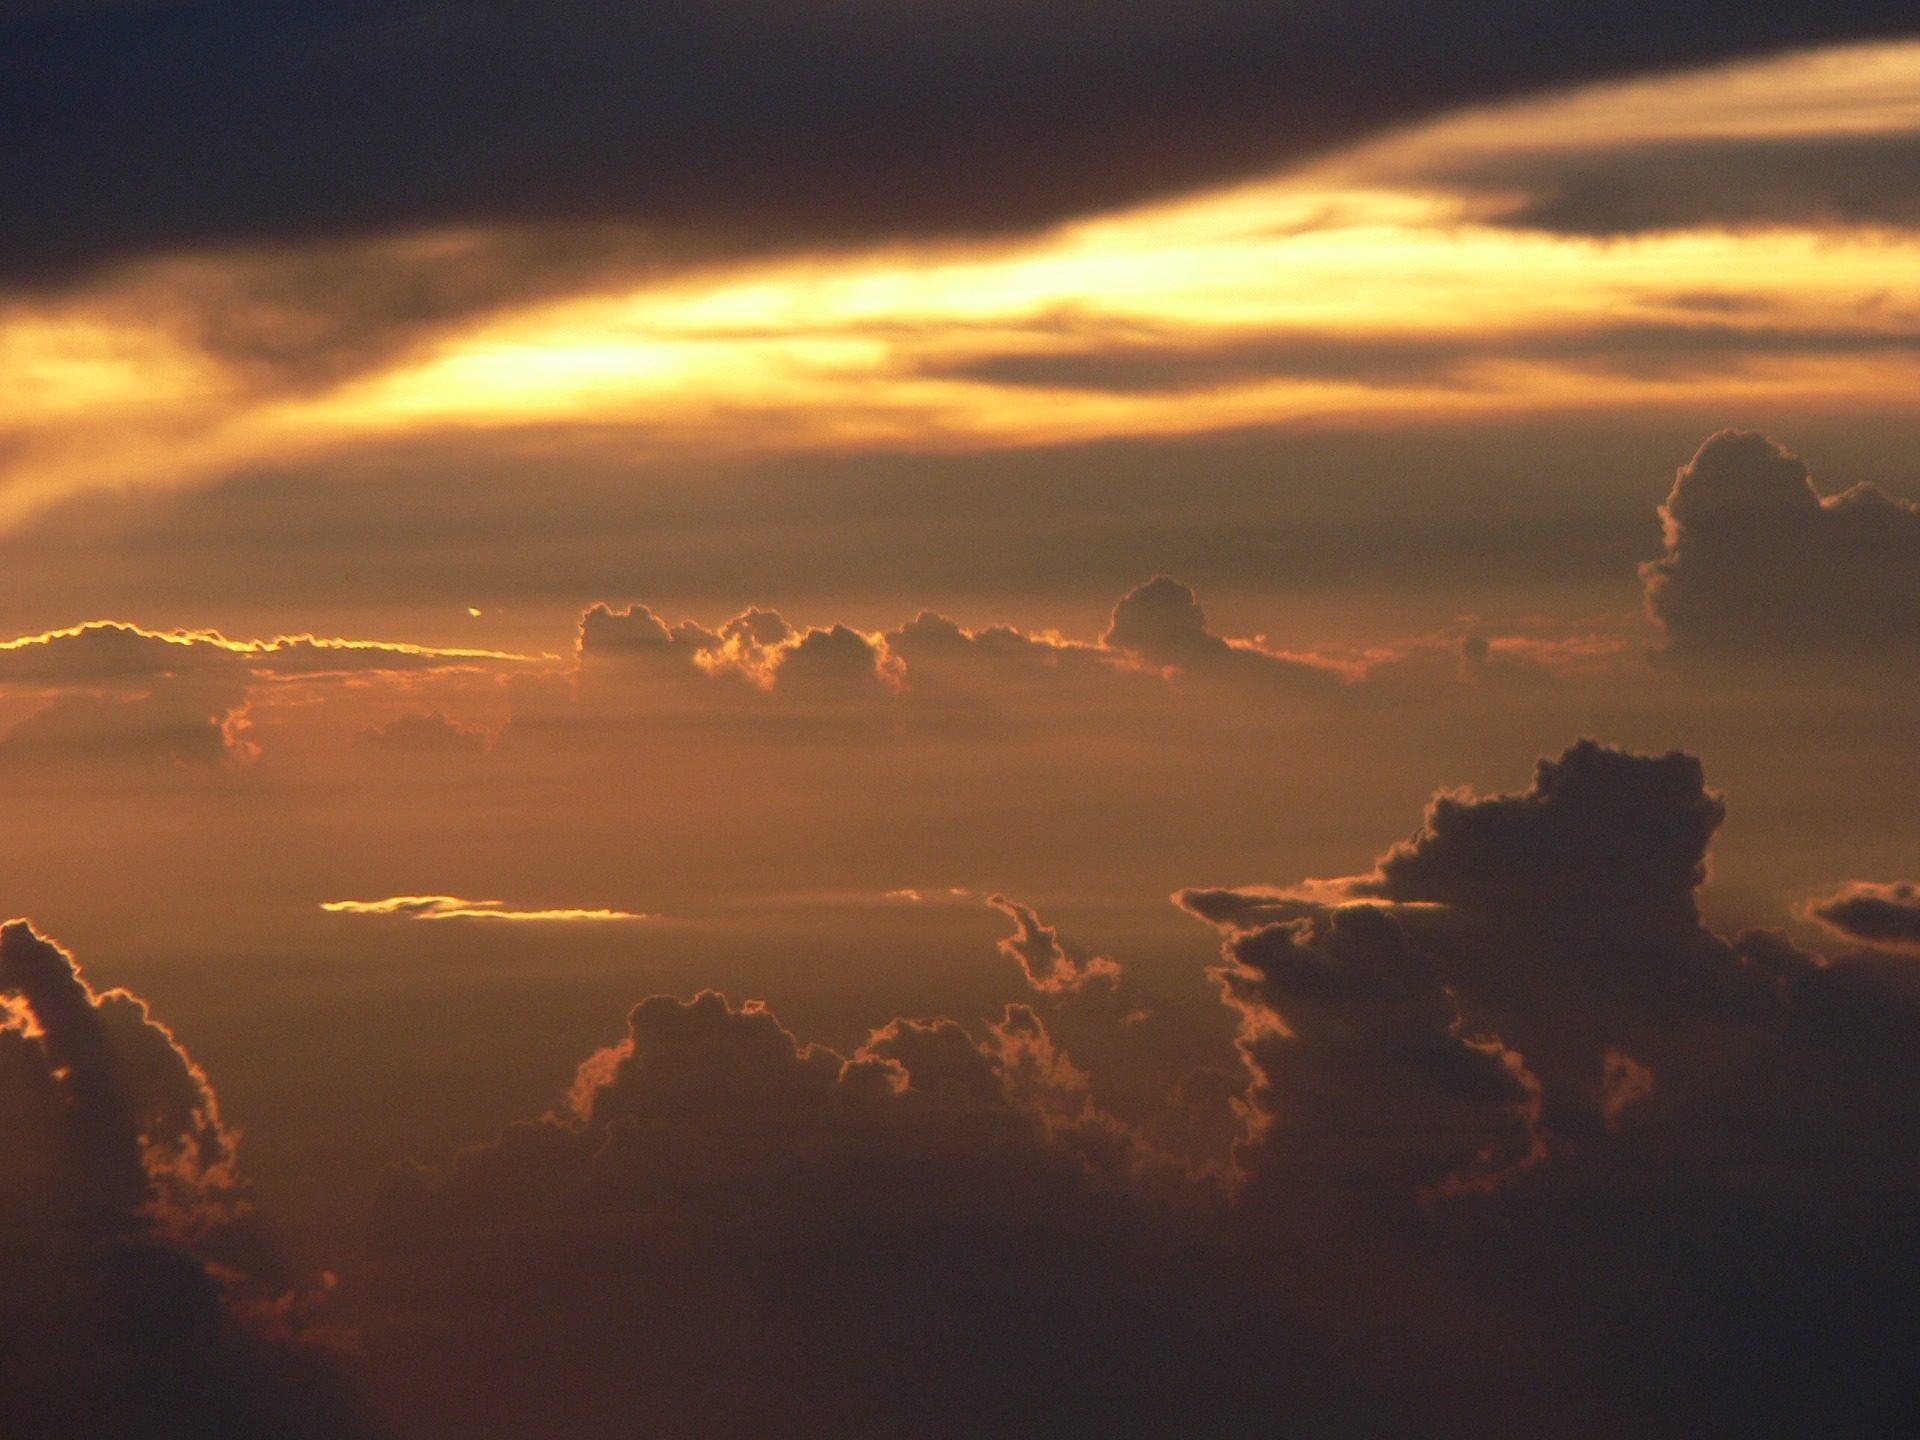 Céu, nublado, nuvens, Raios, luz, Pôr do sol - Papéis de parede HD - Professor-falken.com